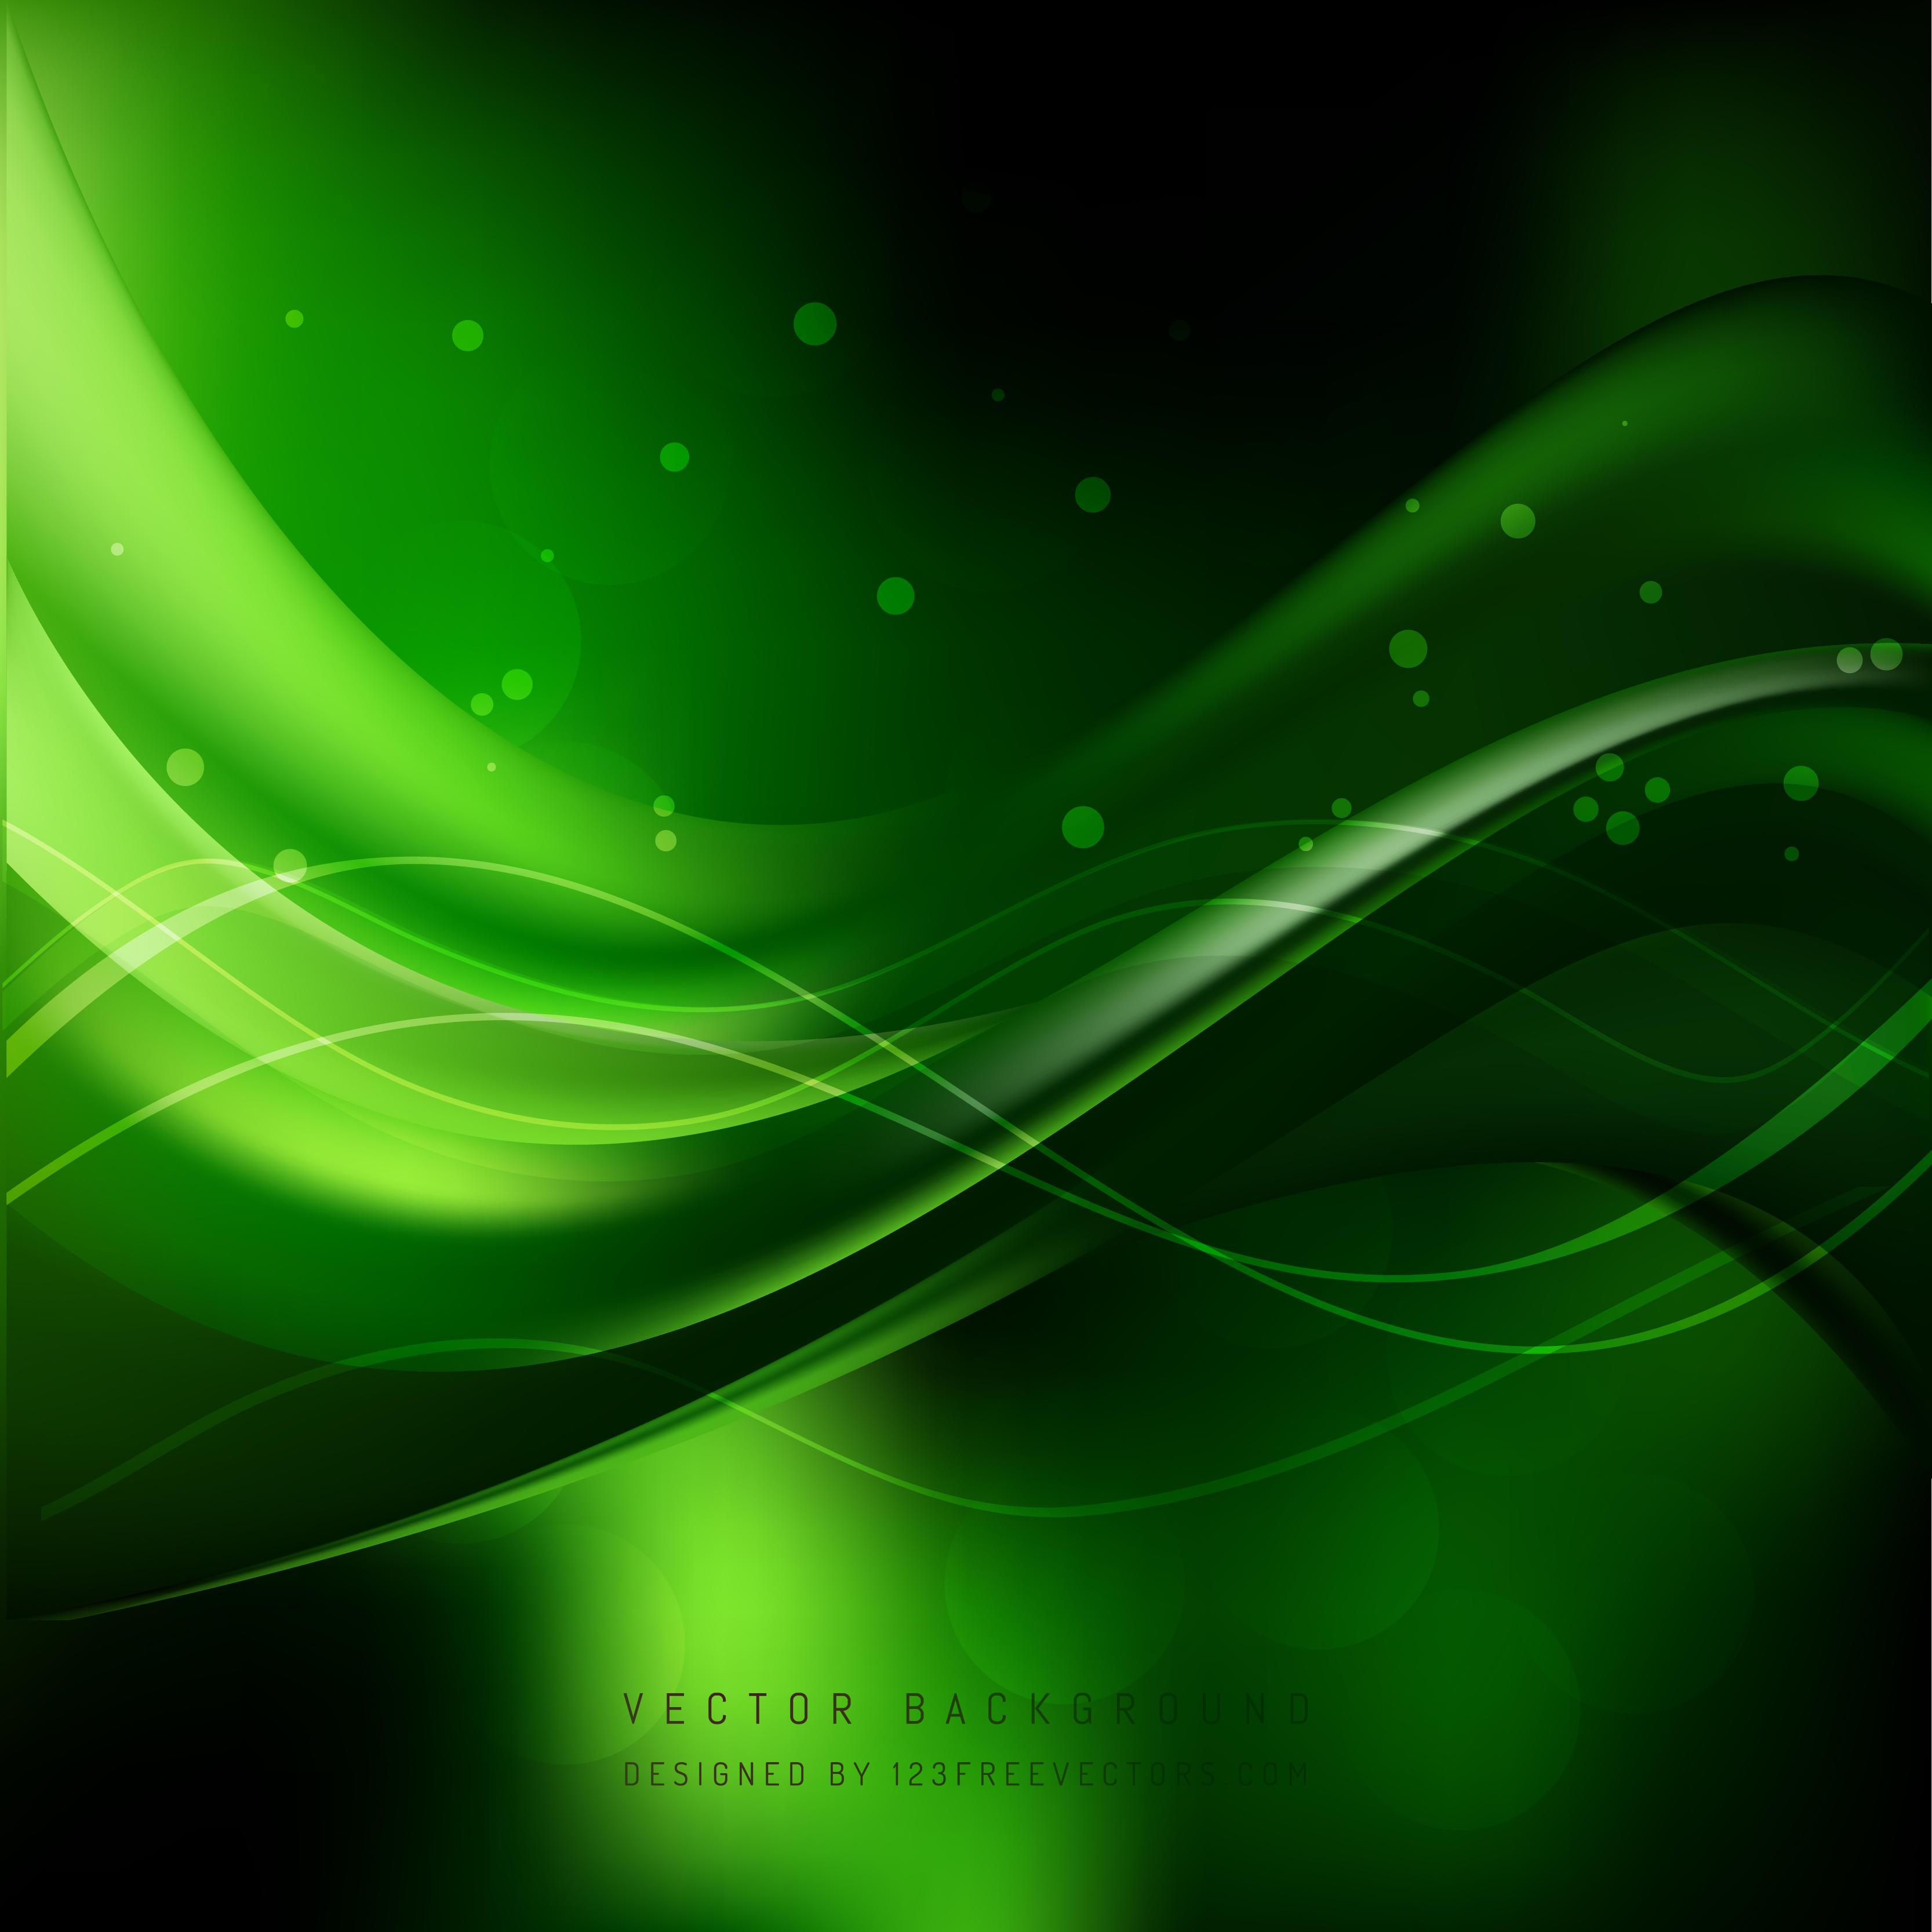 Black Green Wave Background Image